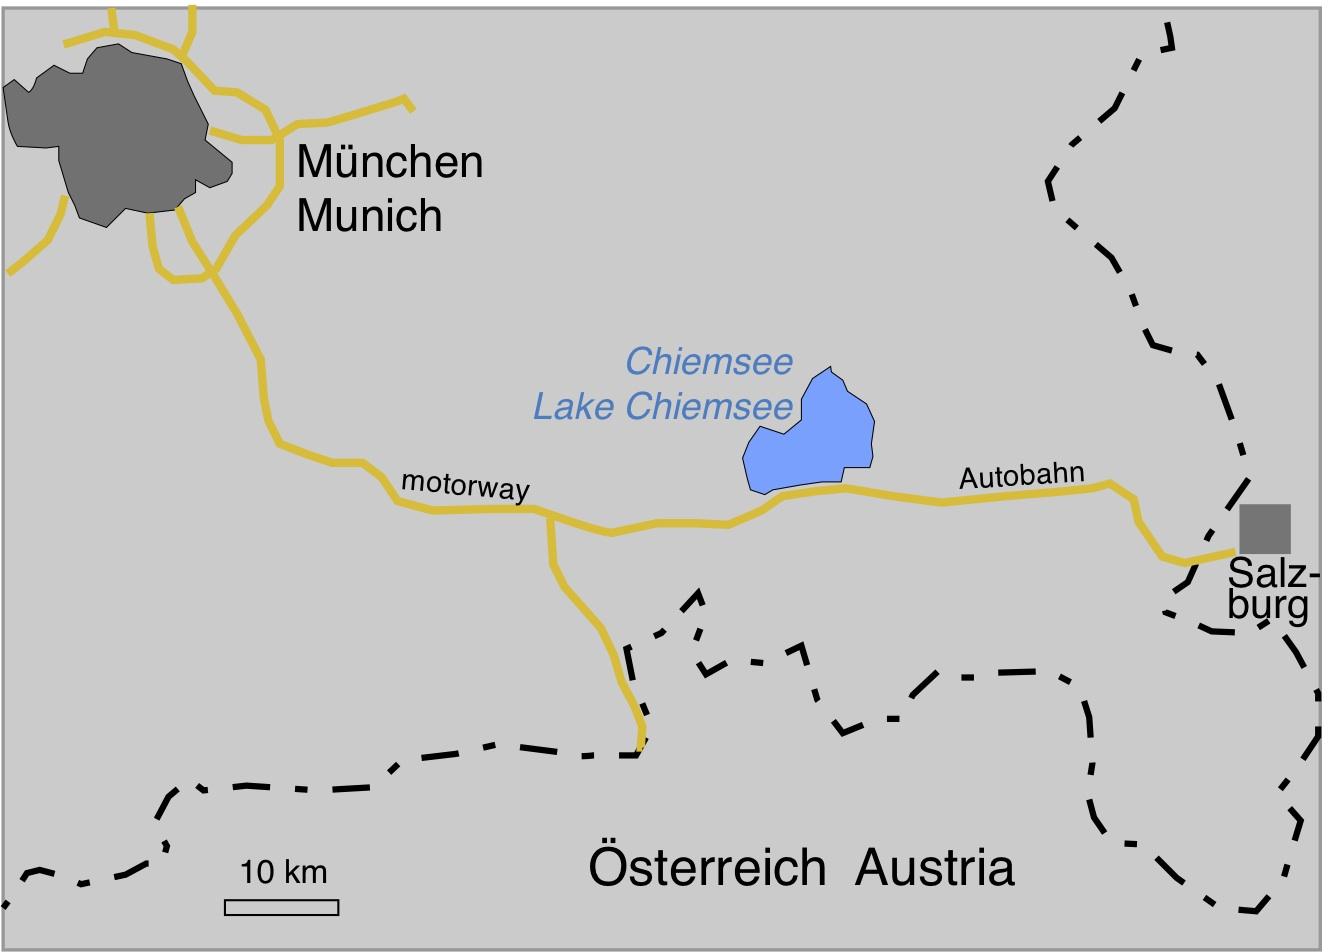 Karte Südostbayern mit Chiemsee, Doppelkrater Chiemgau-Einchlag karte